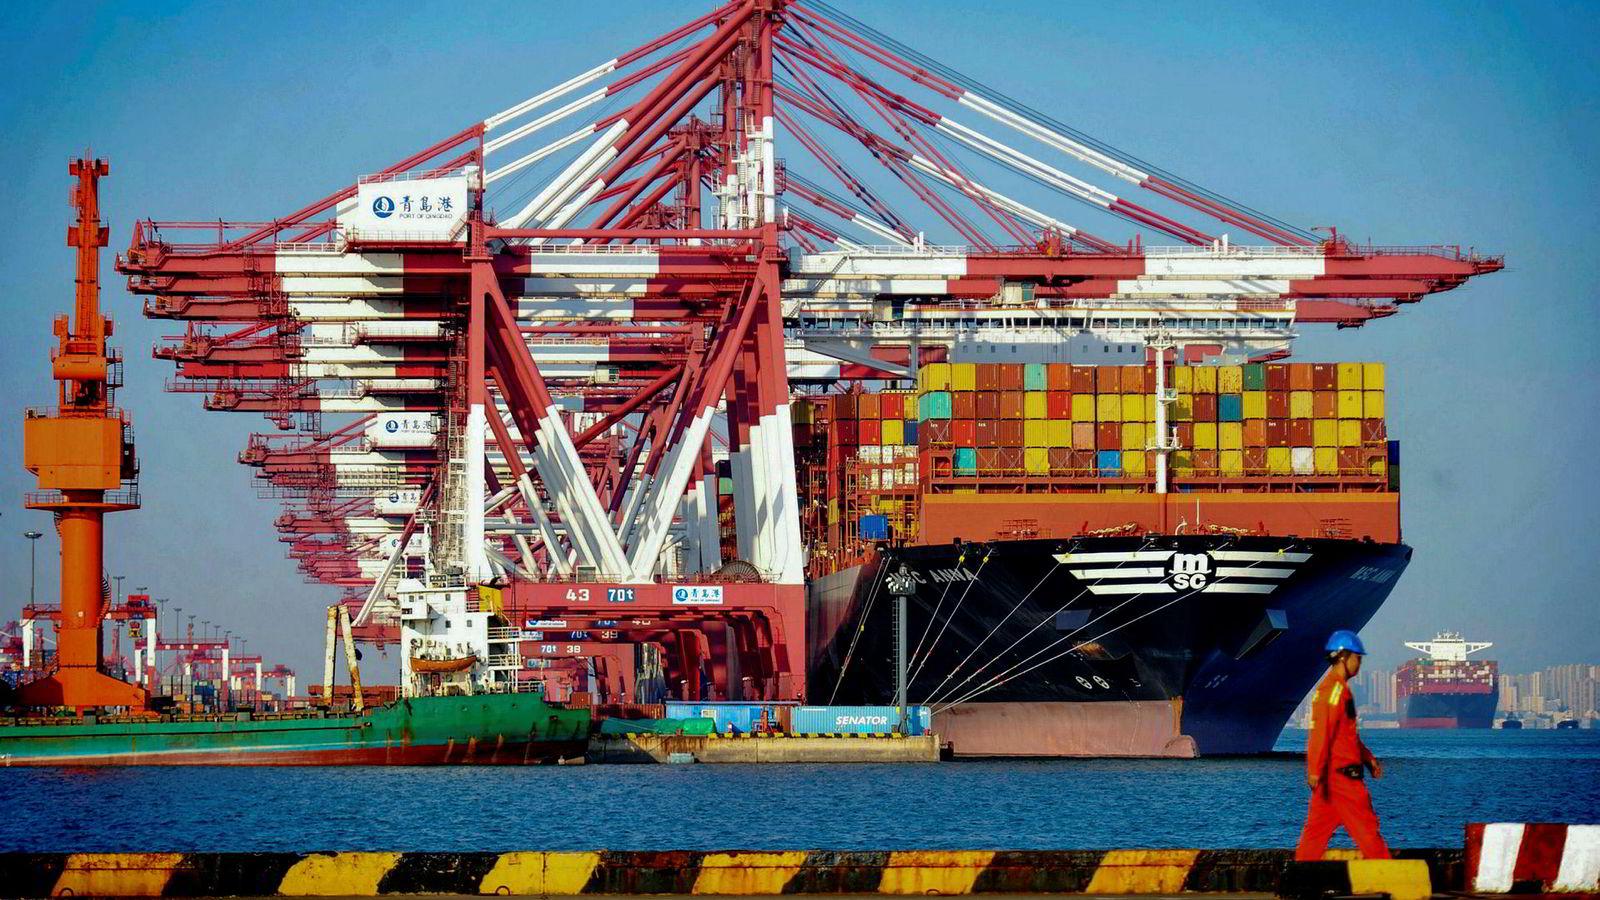 I løpet av 30 septemberdager fikk Kina et rekordhøyt handelsoverskudd med USA. Eksporten har heller aldri vært høyere. Kina-økonomer tror toppen kan være nådd og at straffetollen vil merkes de kommende månedene. Her et lasteskip i en havn i Qingdao i Kina denne uken.